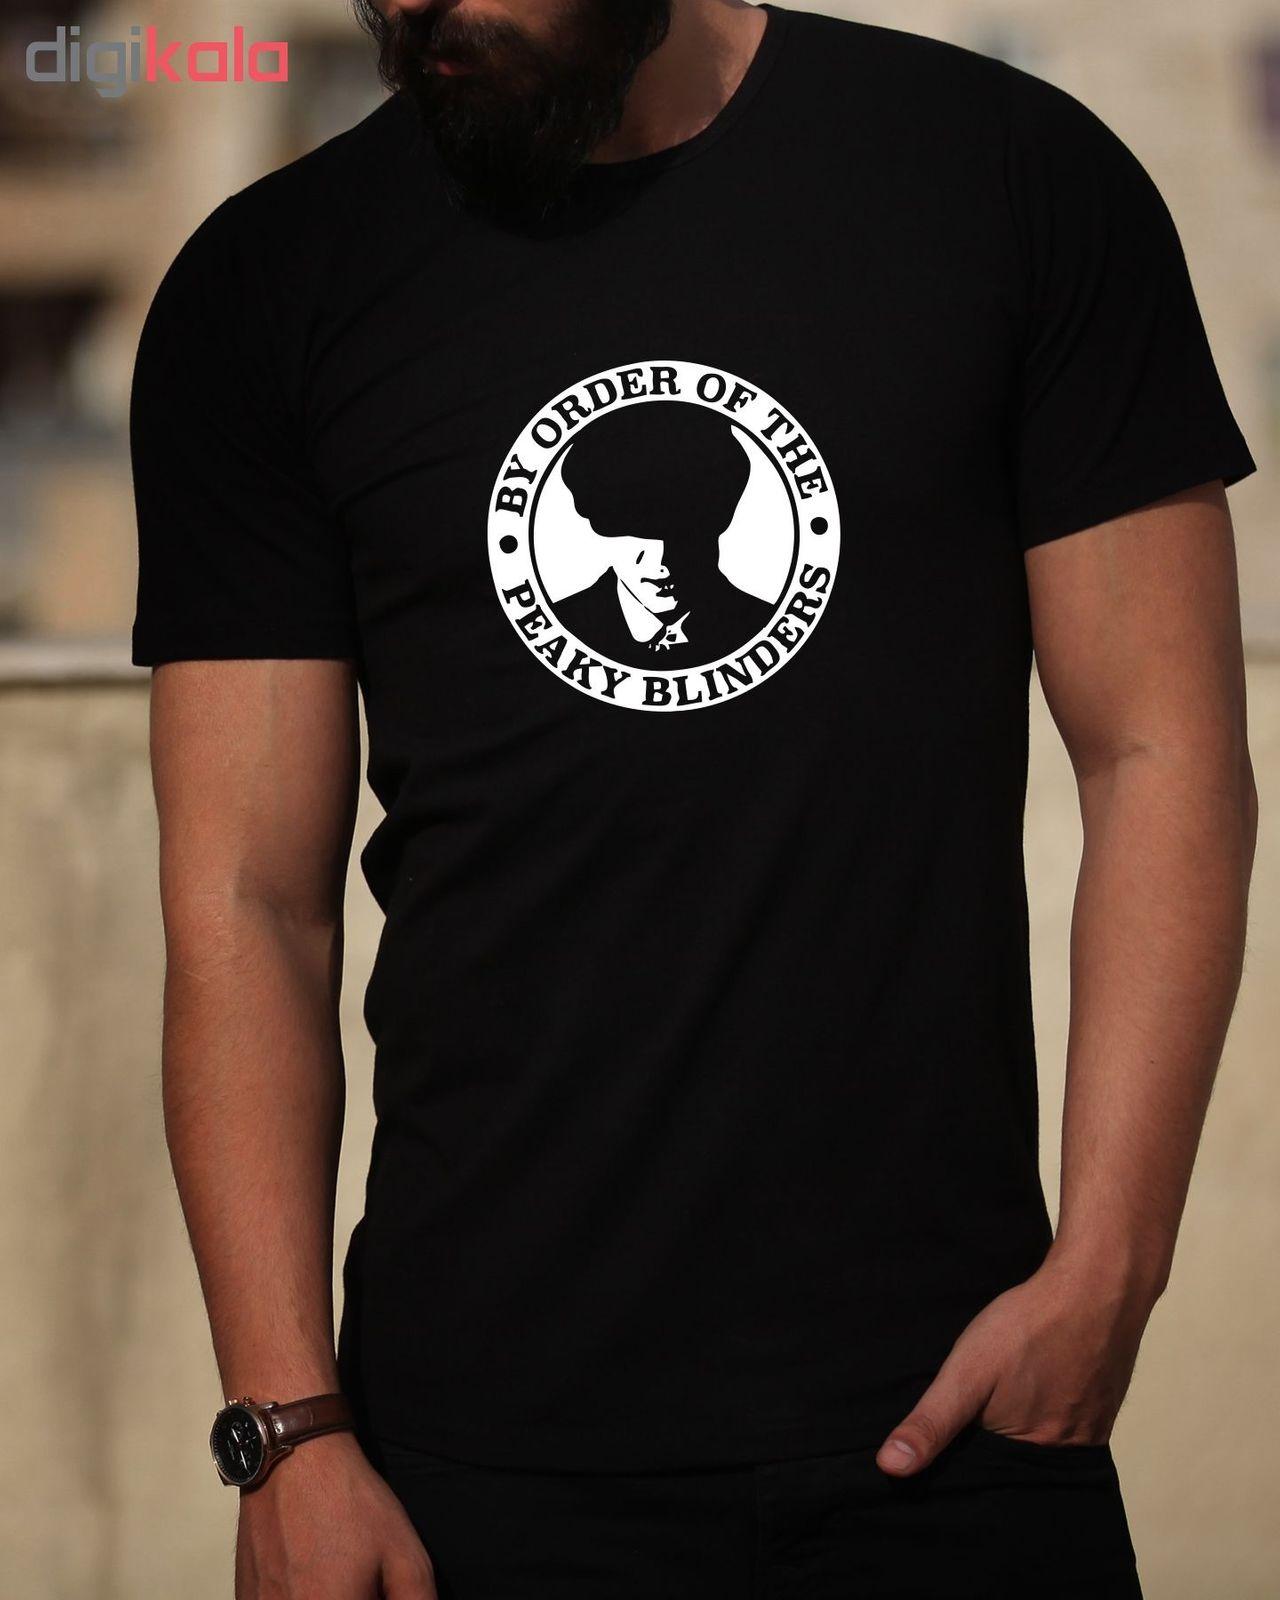 تی شرت مردانه طرح پیکی بلایندرز کد 34335 main 1 1